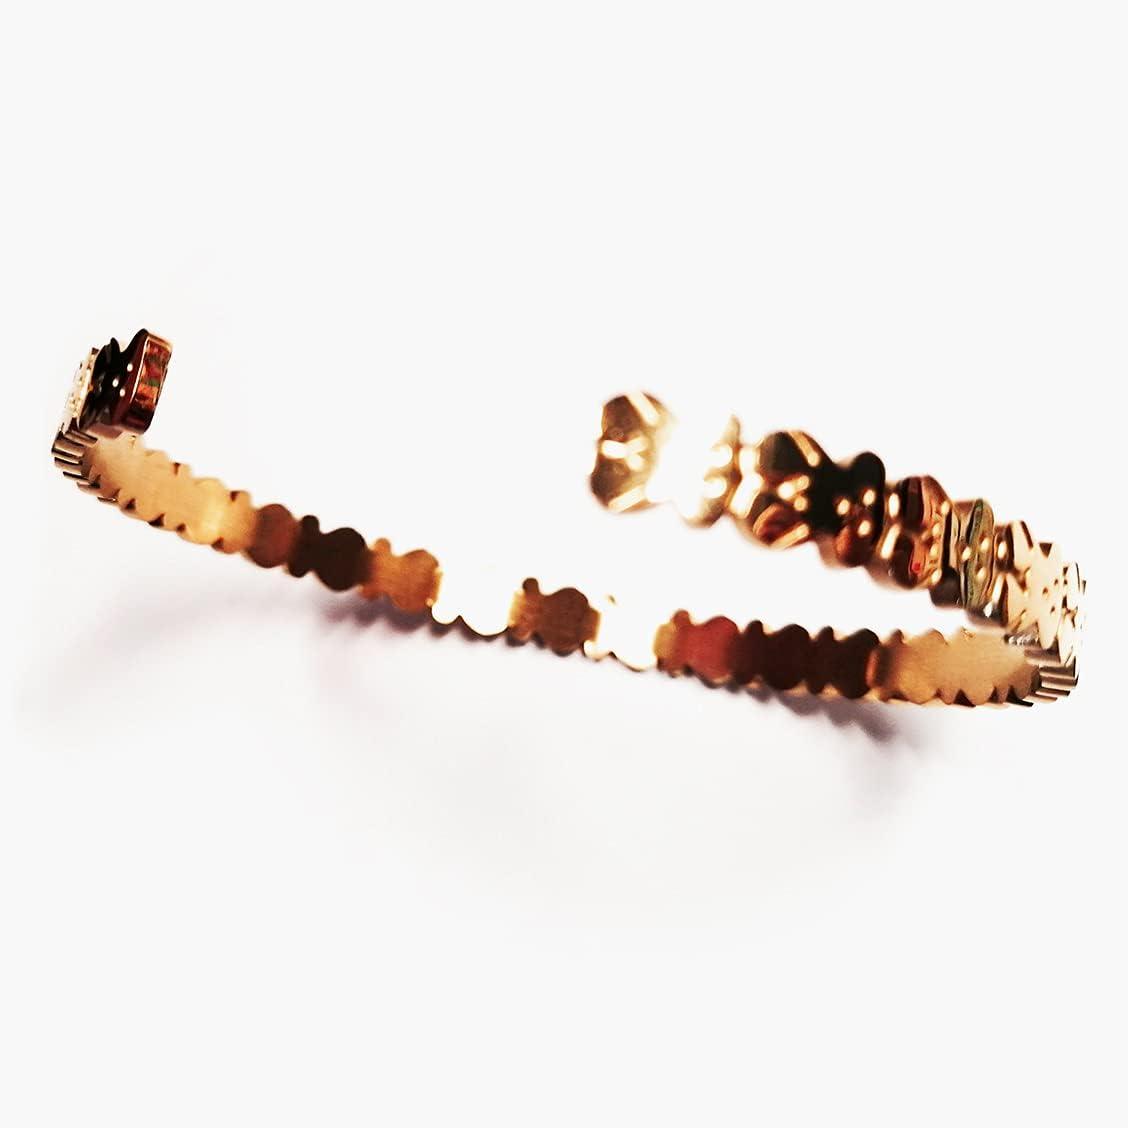 Bracelet for Women Cuff Bracelet for Girl Best Gift for Her